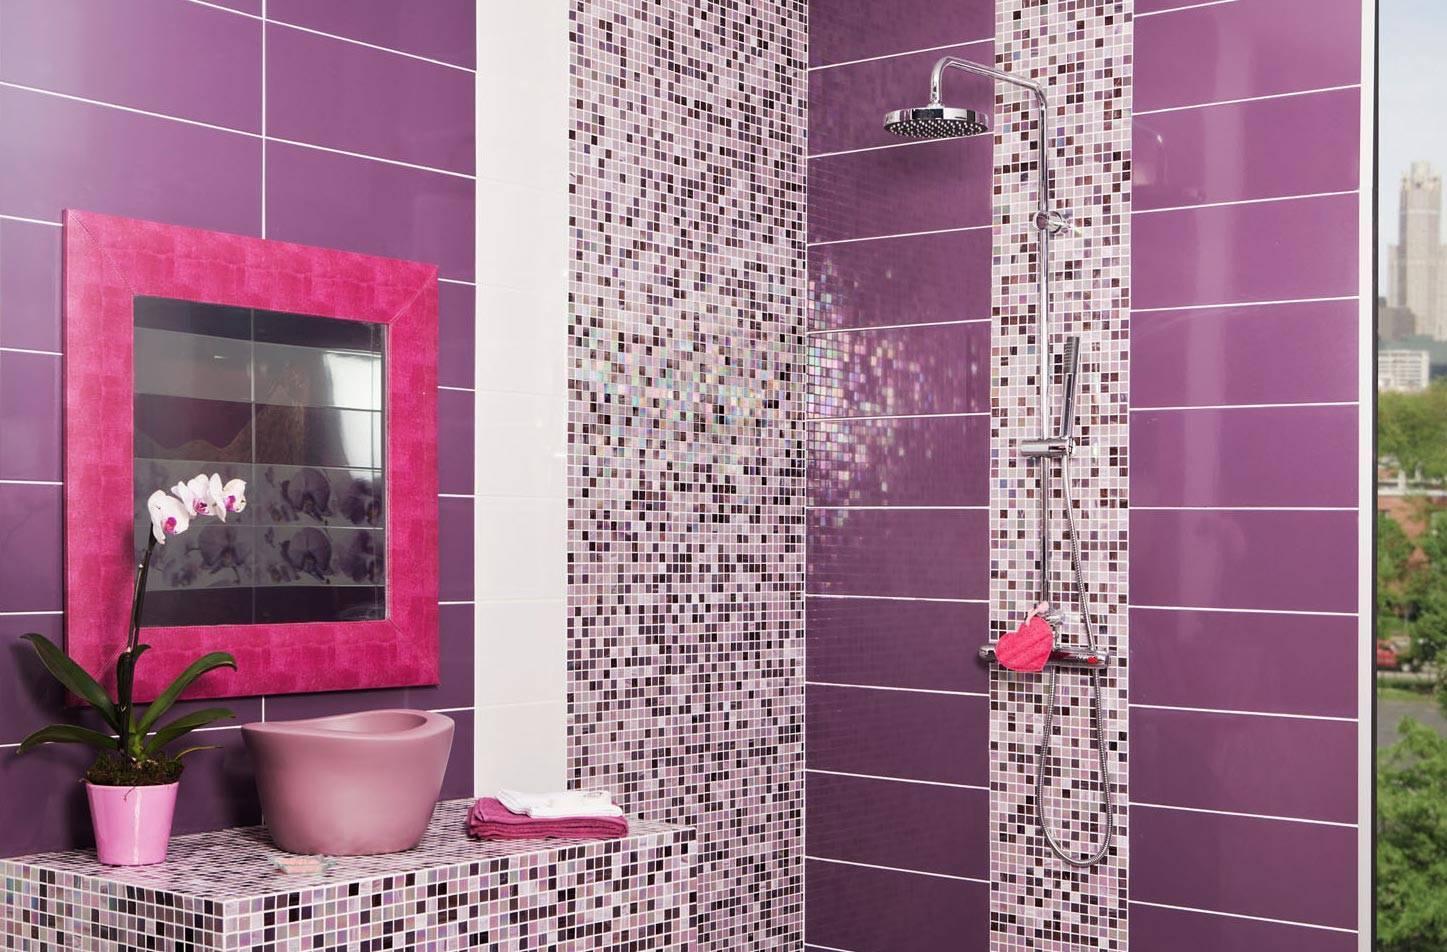 Варианты укладки плитки в ванной, дизайн: технология отделки пошагово, способы, варианты,фото, раскладка, система выравнивания.